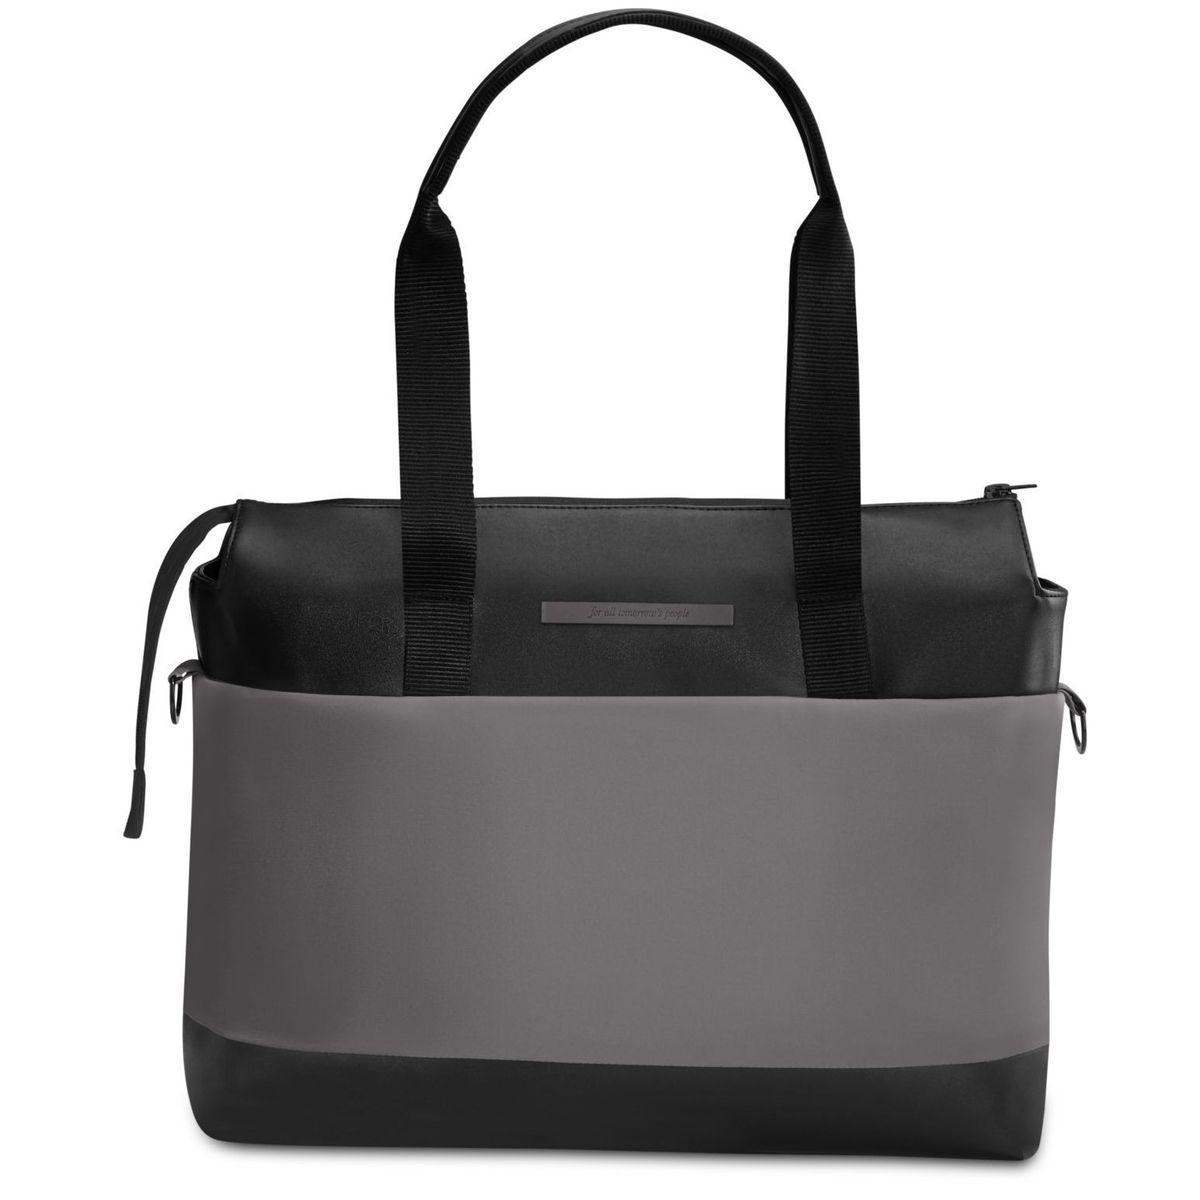 Bolso cambiador MIOS Cybex manhattan grey-mid grey